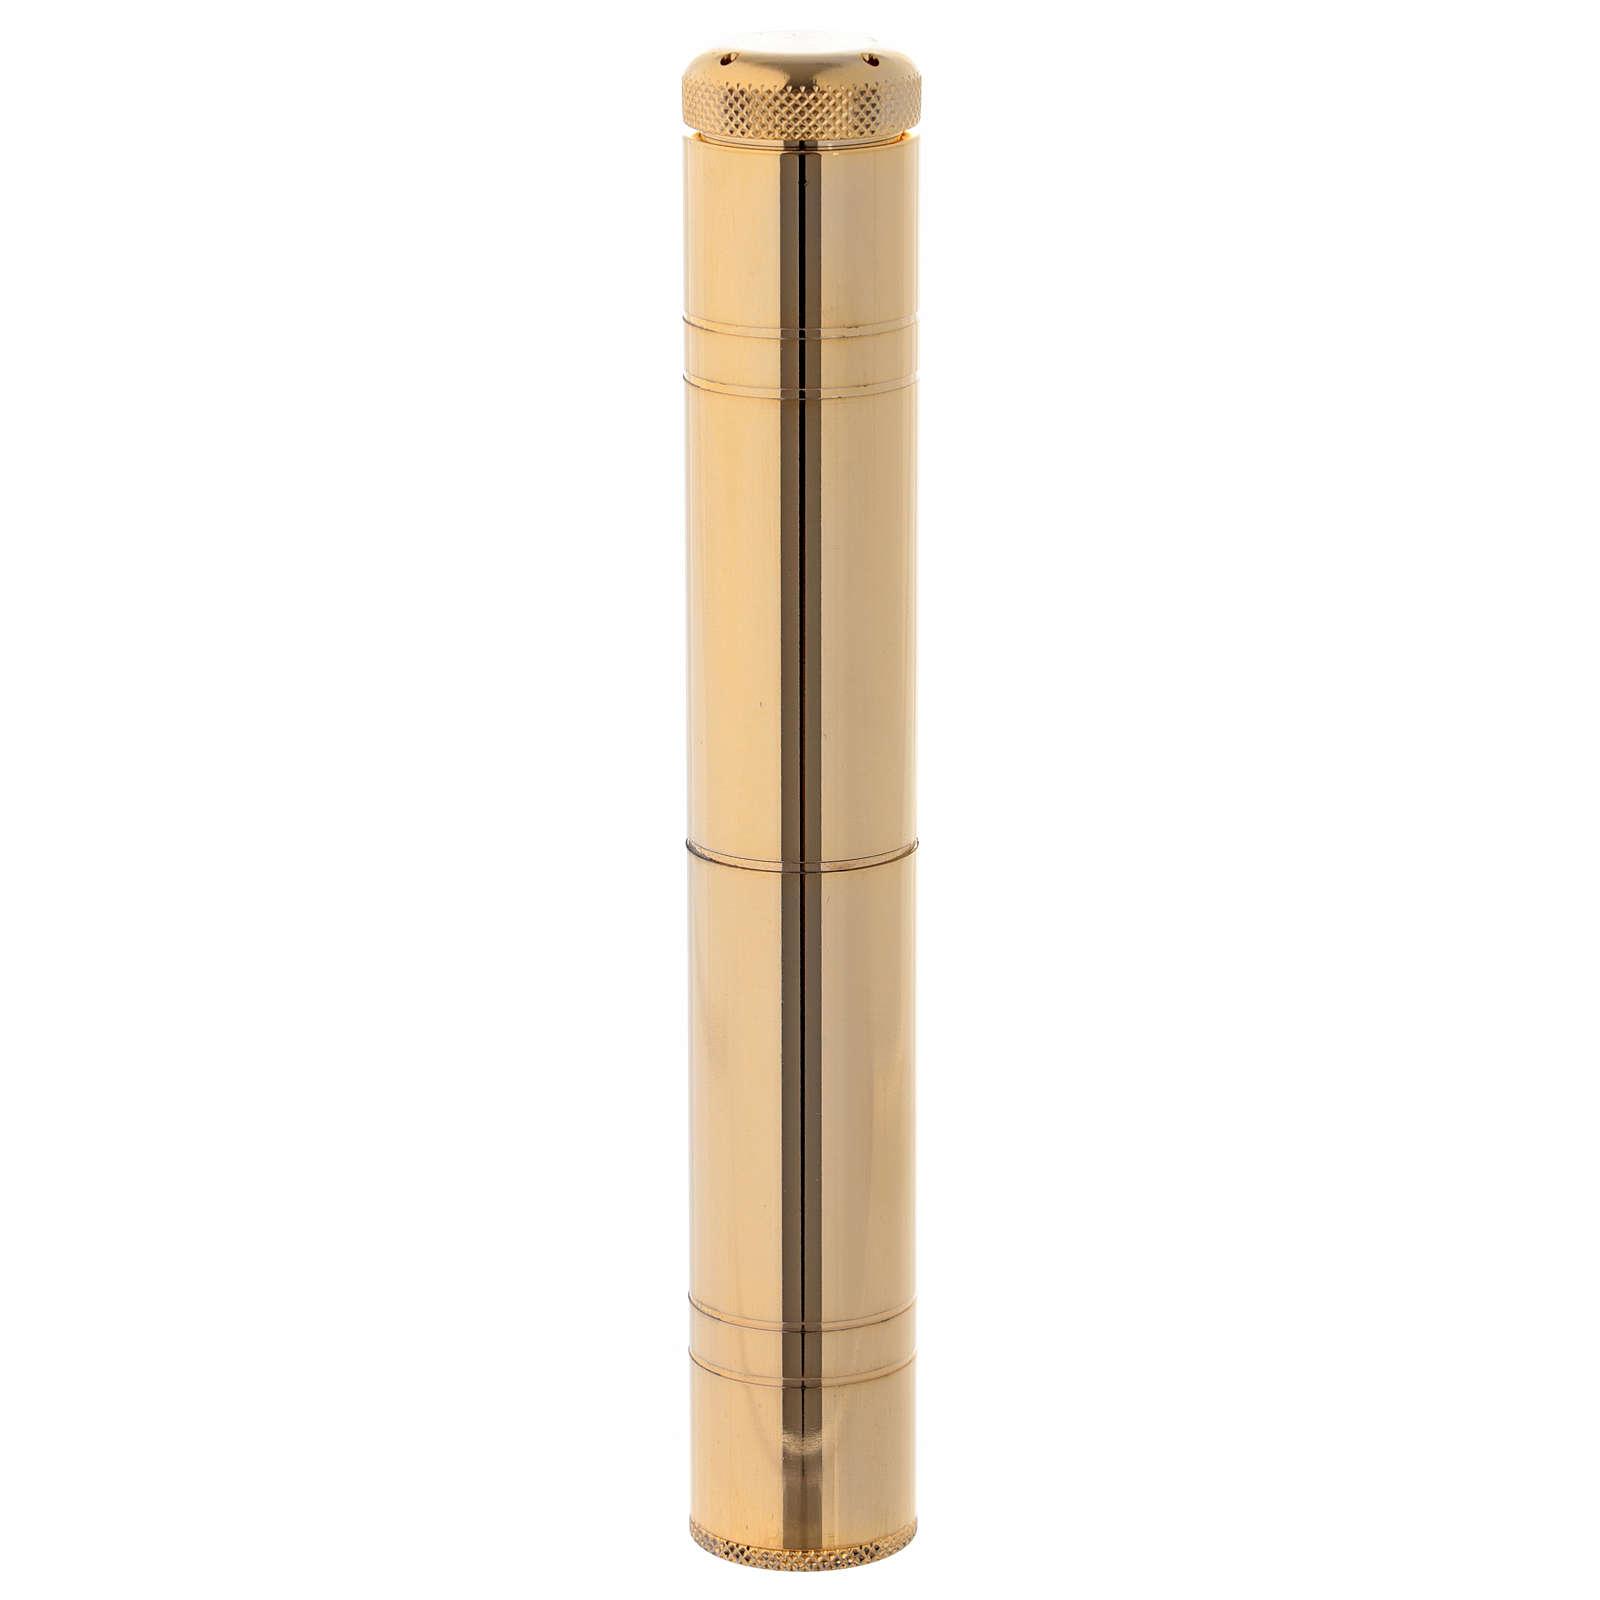 Asperges tascabile ottone dorato 16 cm 3